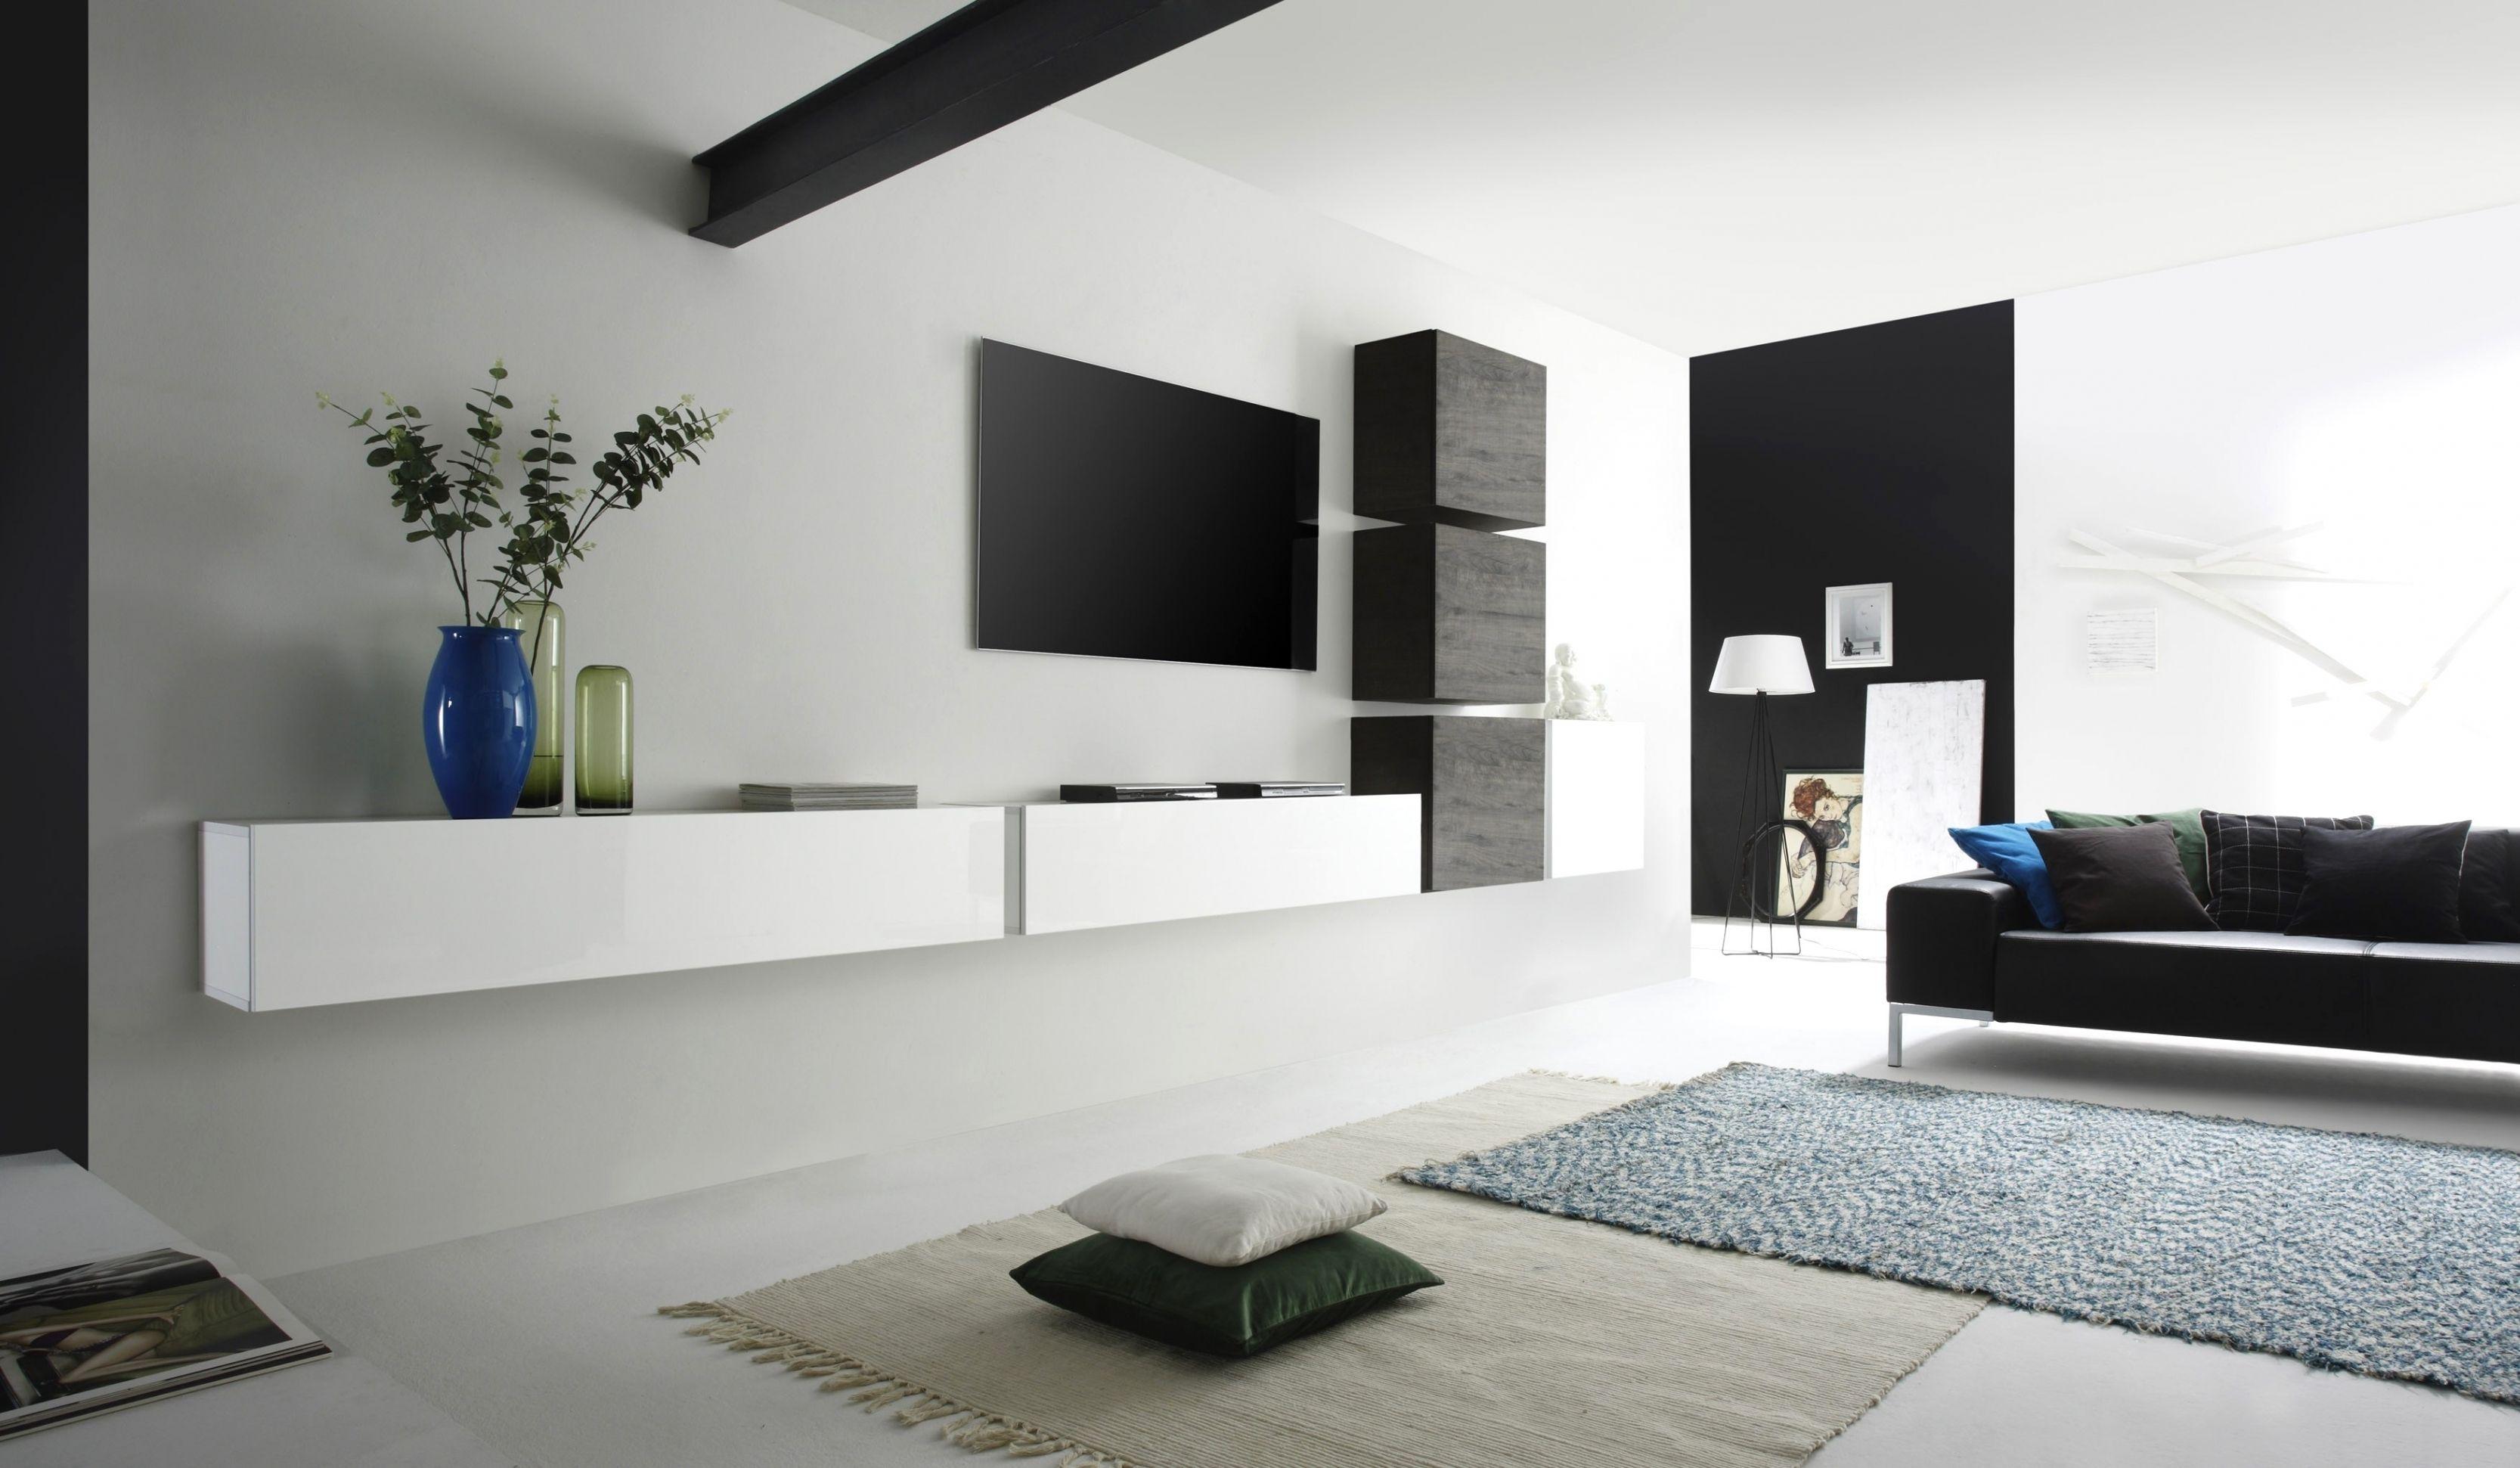 Klapptisch wohnzimmer ~ Wohnzimmer ideen modern weis upowersc